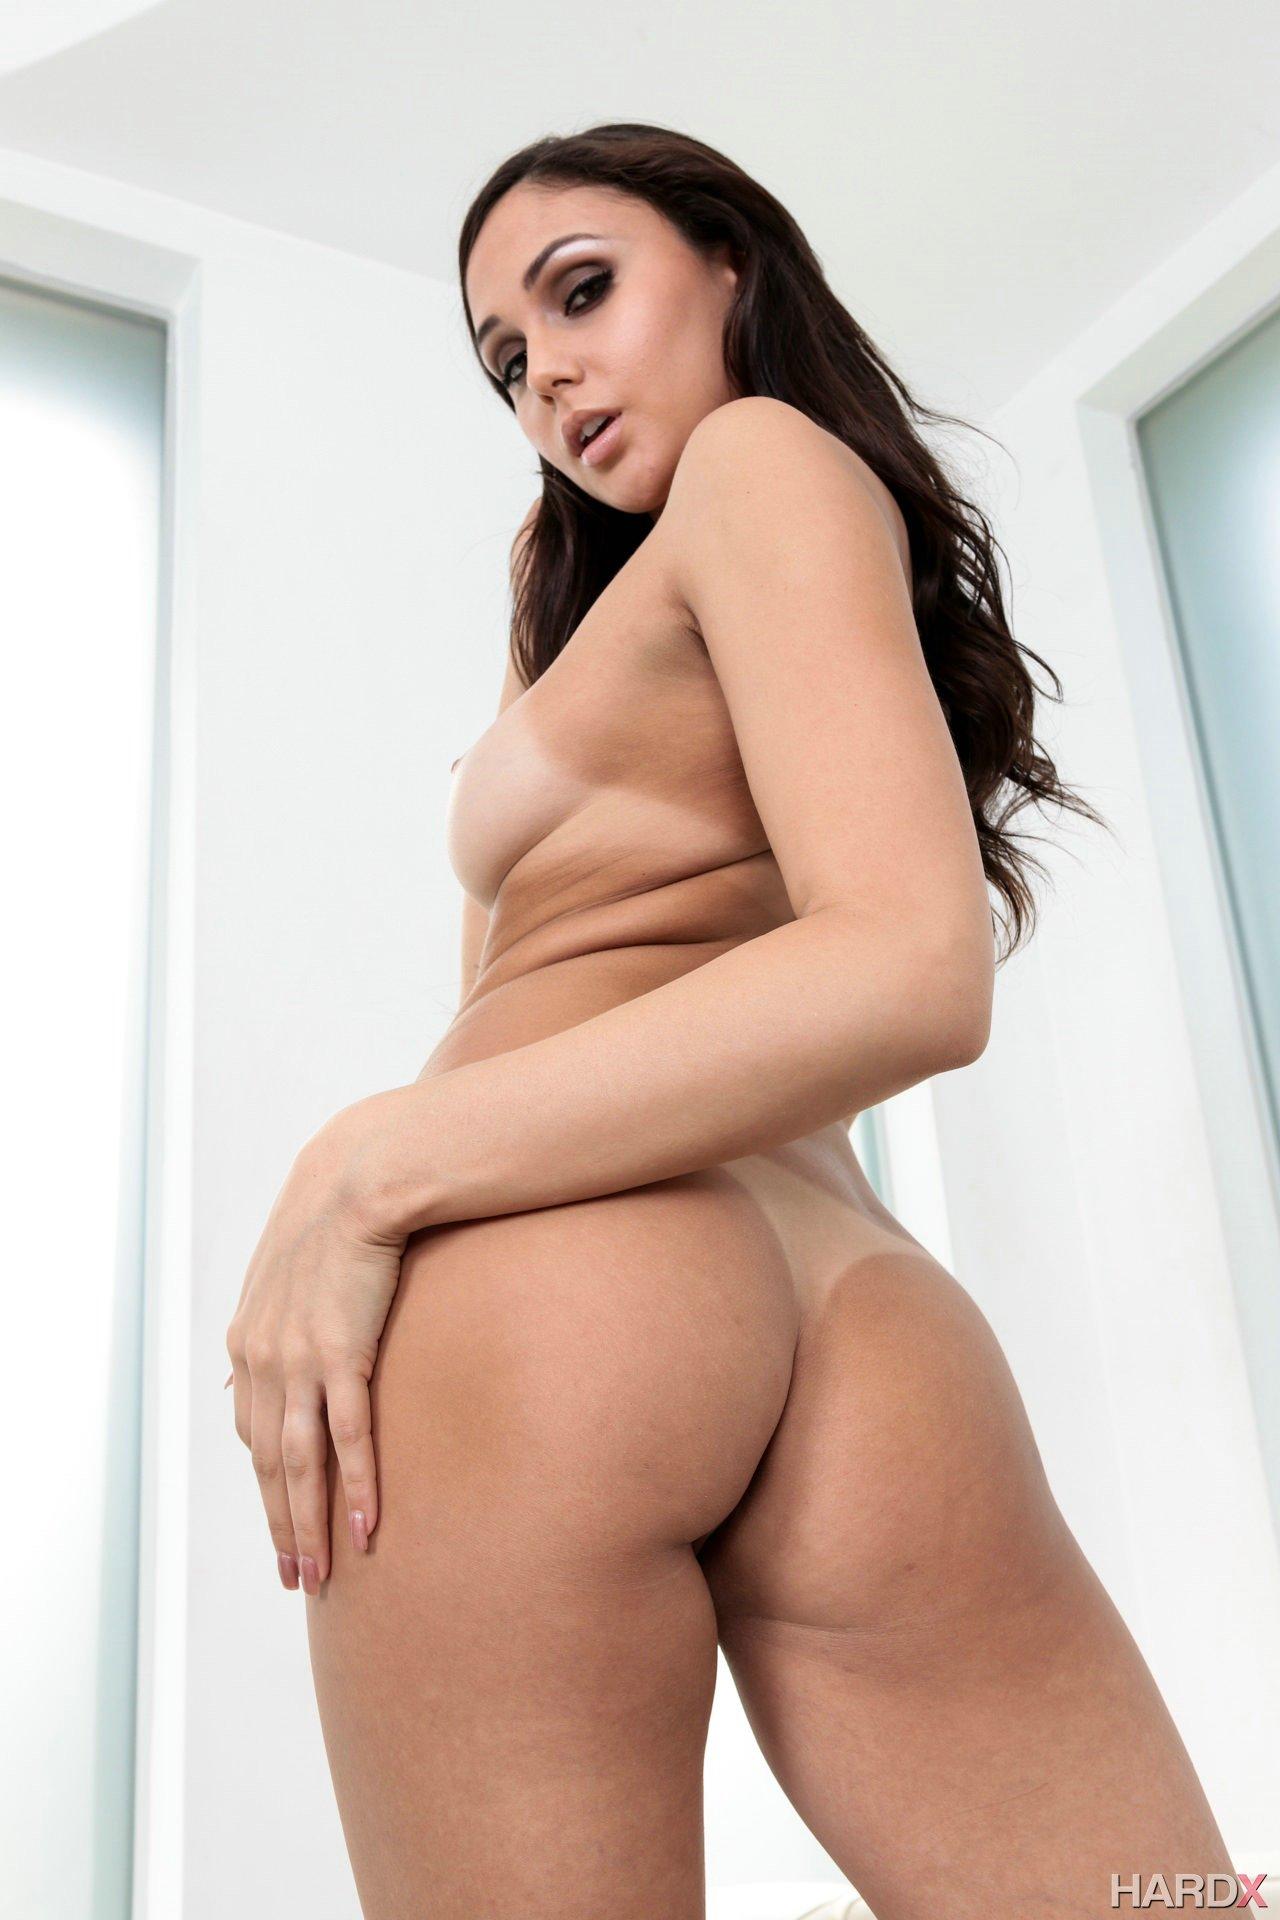 Porn star arianna